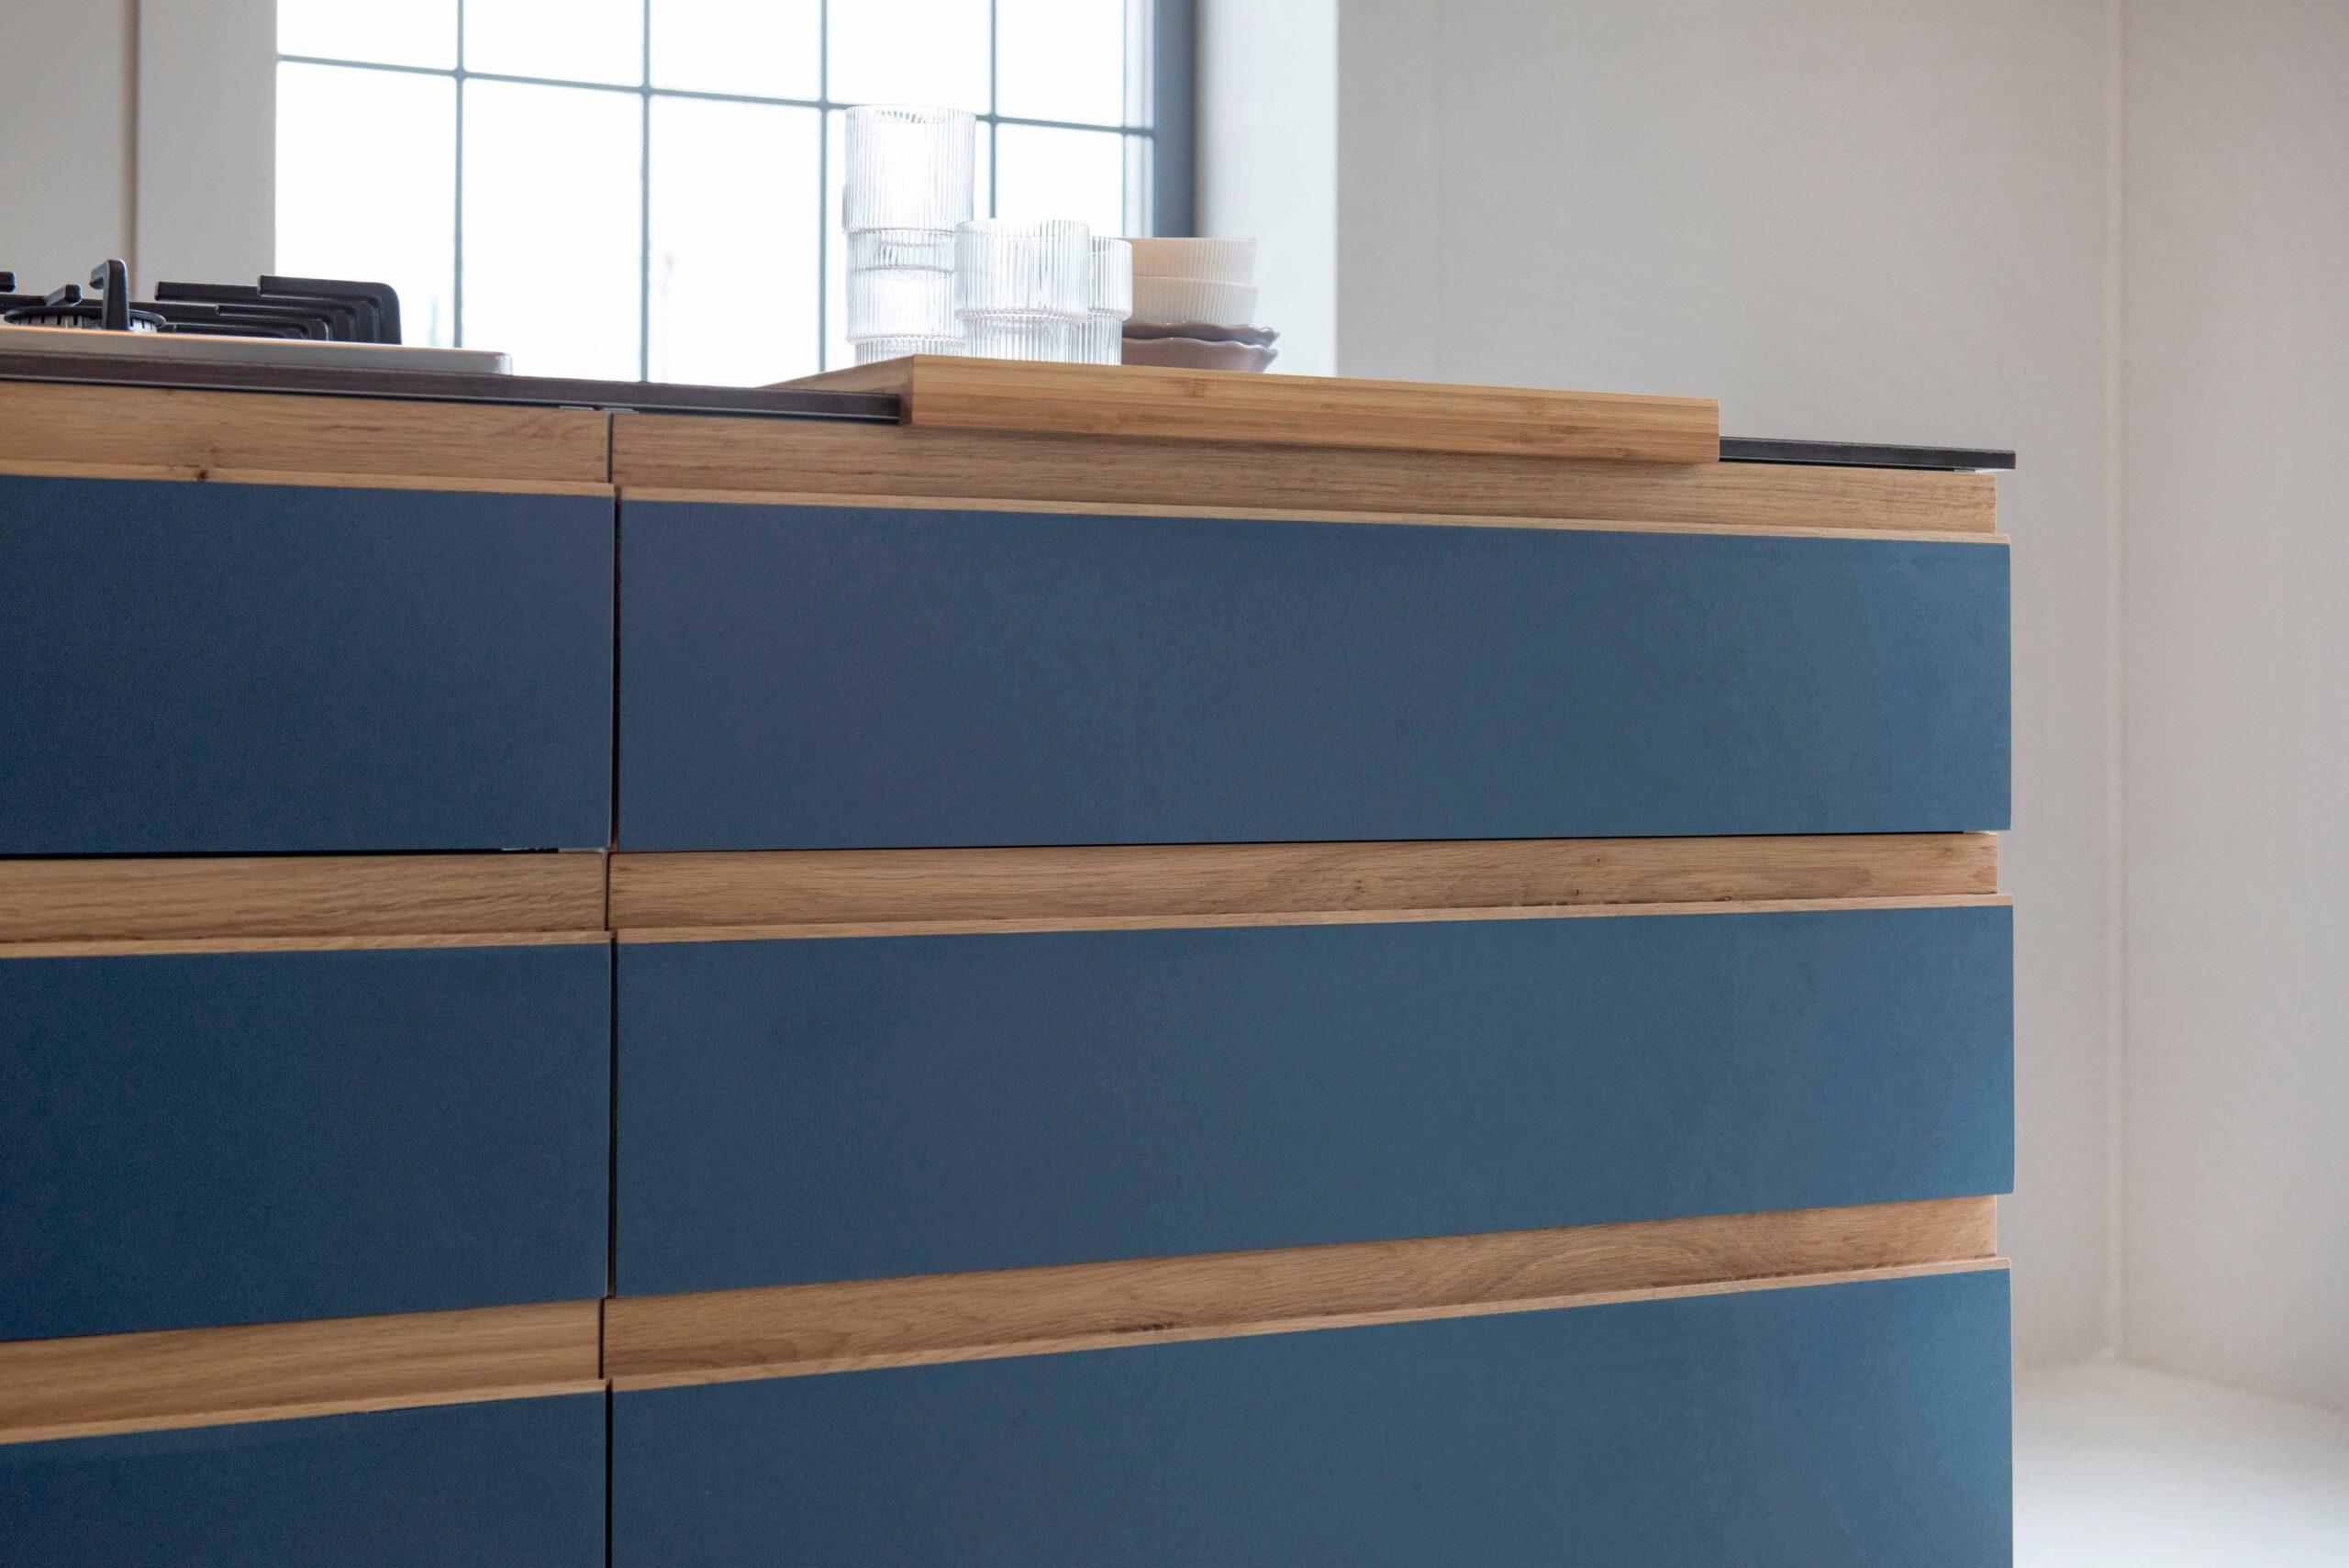 Full Size of Design Blue St Linoleum Auf Multiplemit Griffleisten Aus Eiche Küche Aufbewahrung Mit Elektrogeräten Günstig Magnettafel Led Beleuchtung Hängeschränke Wohnzimmer Ikea Küche Massivholz